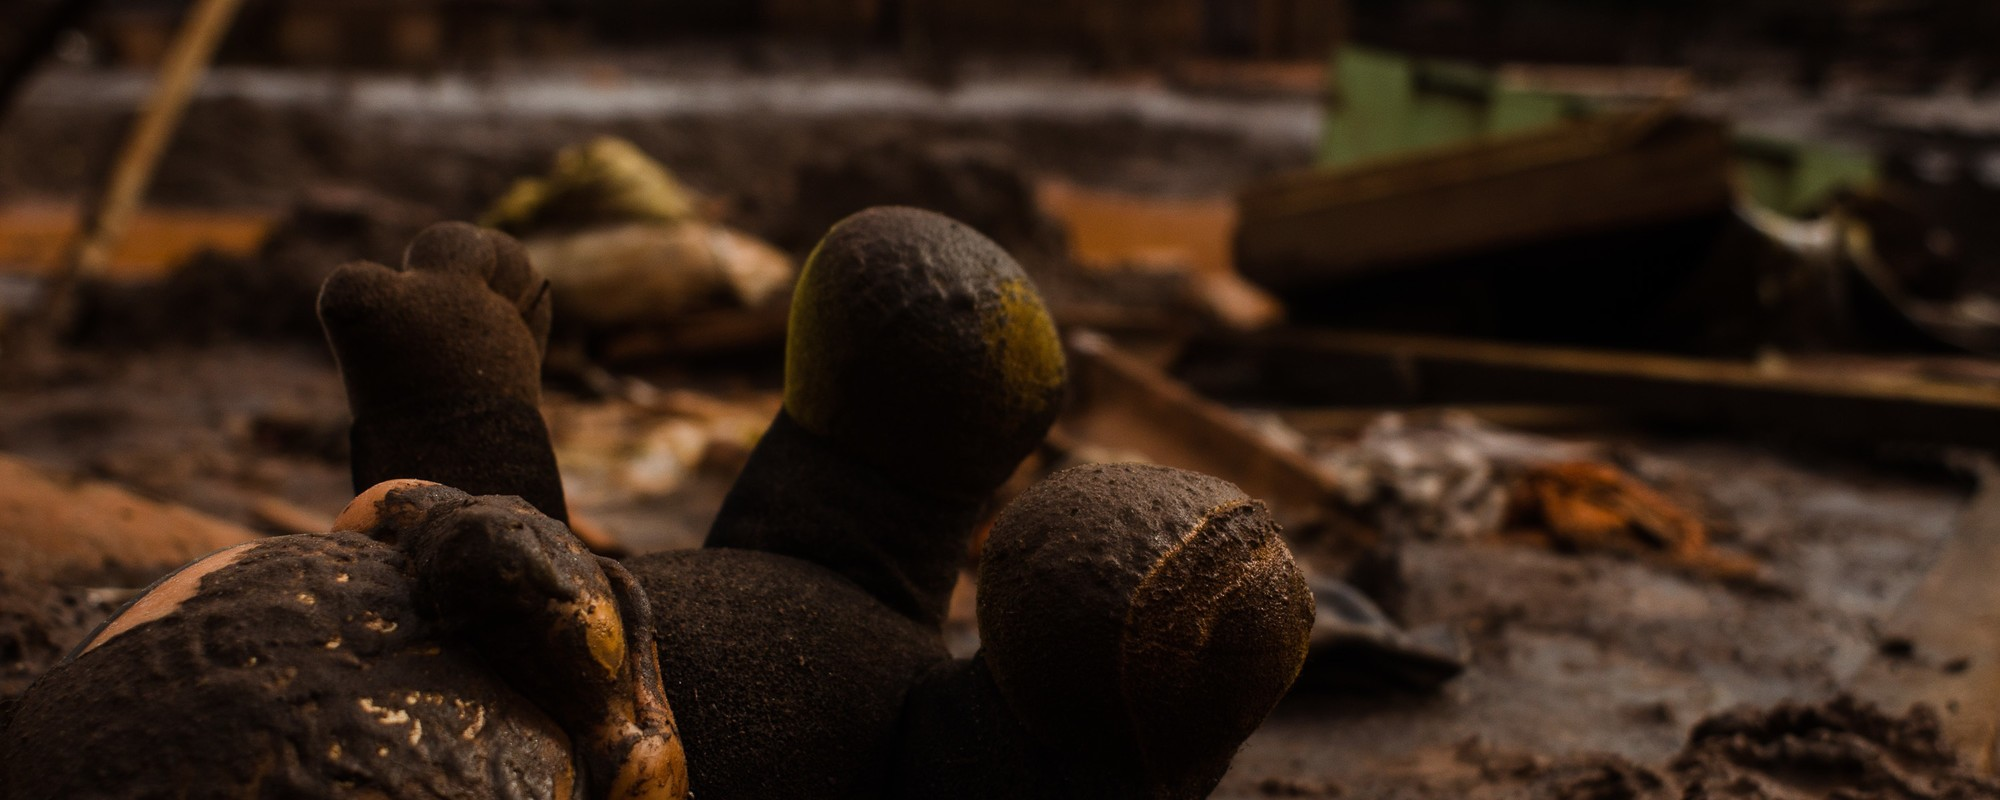 Mariana, a Sete Palmos de Lama: a Terceira Barragem do Rio